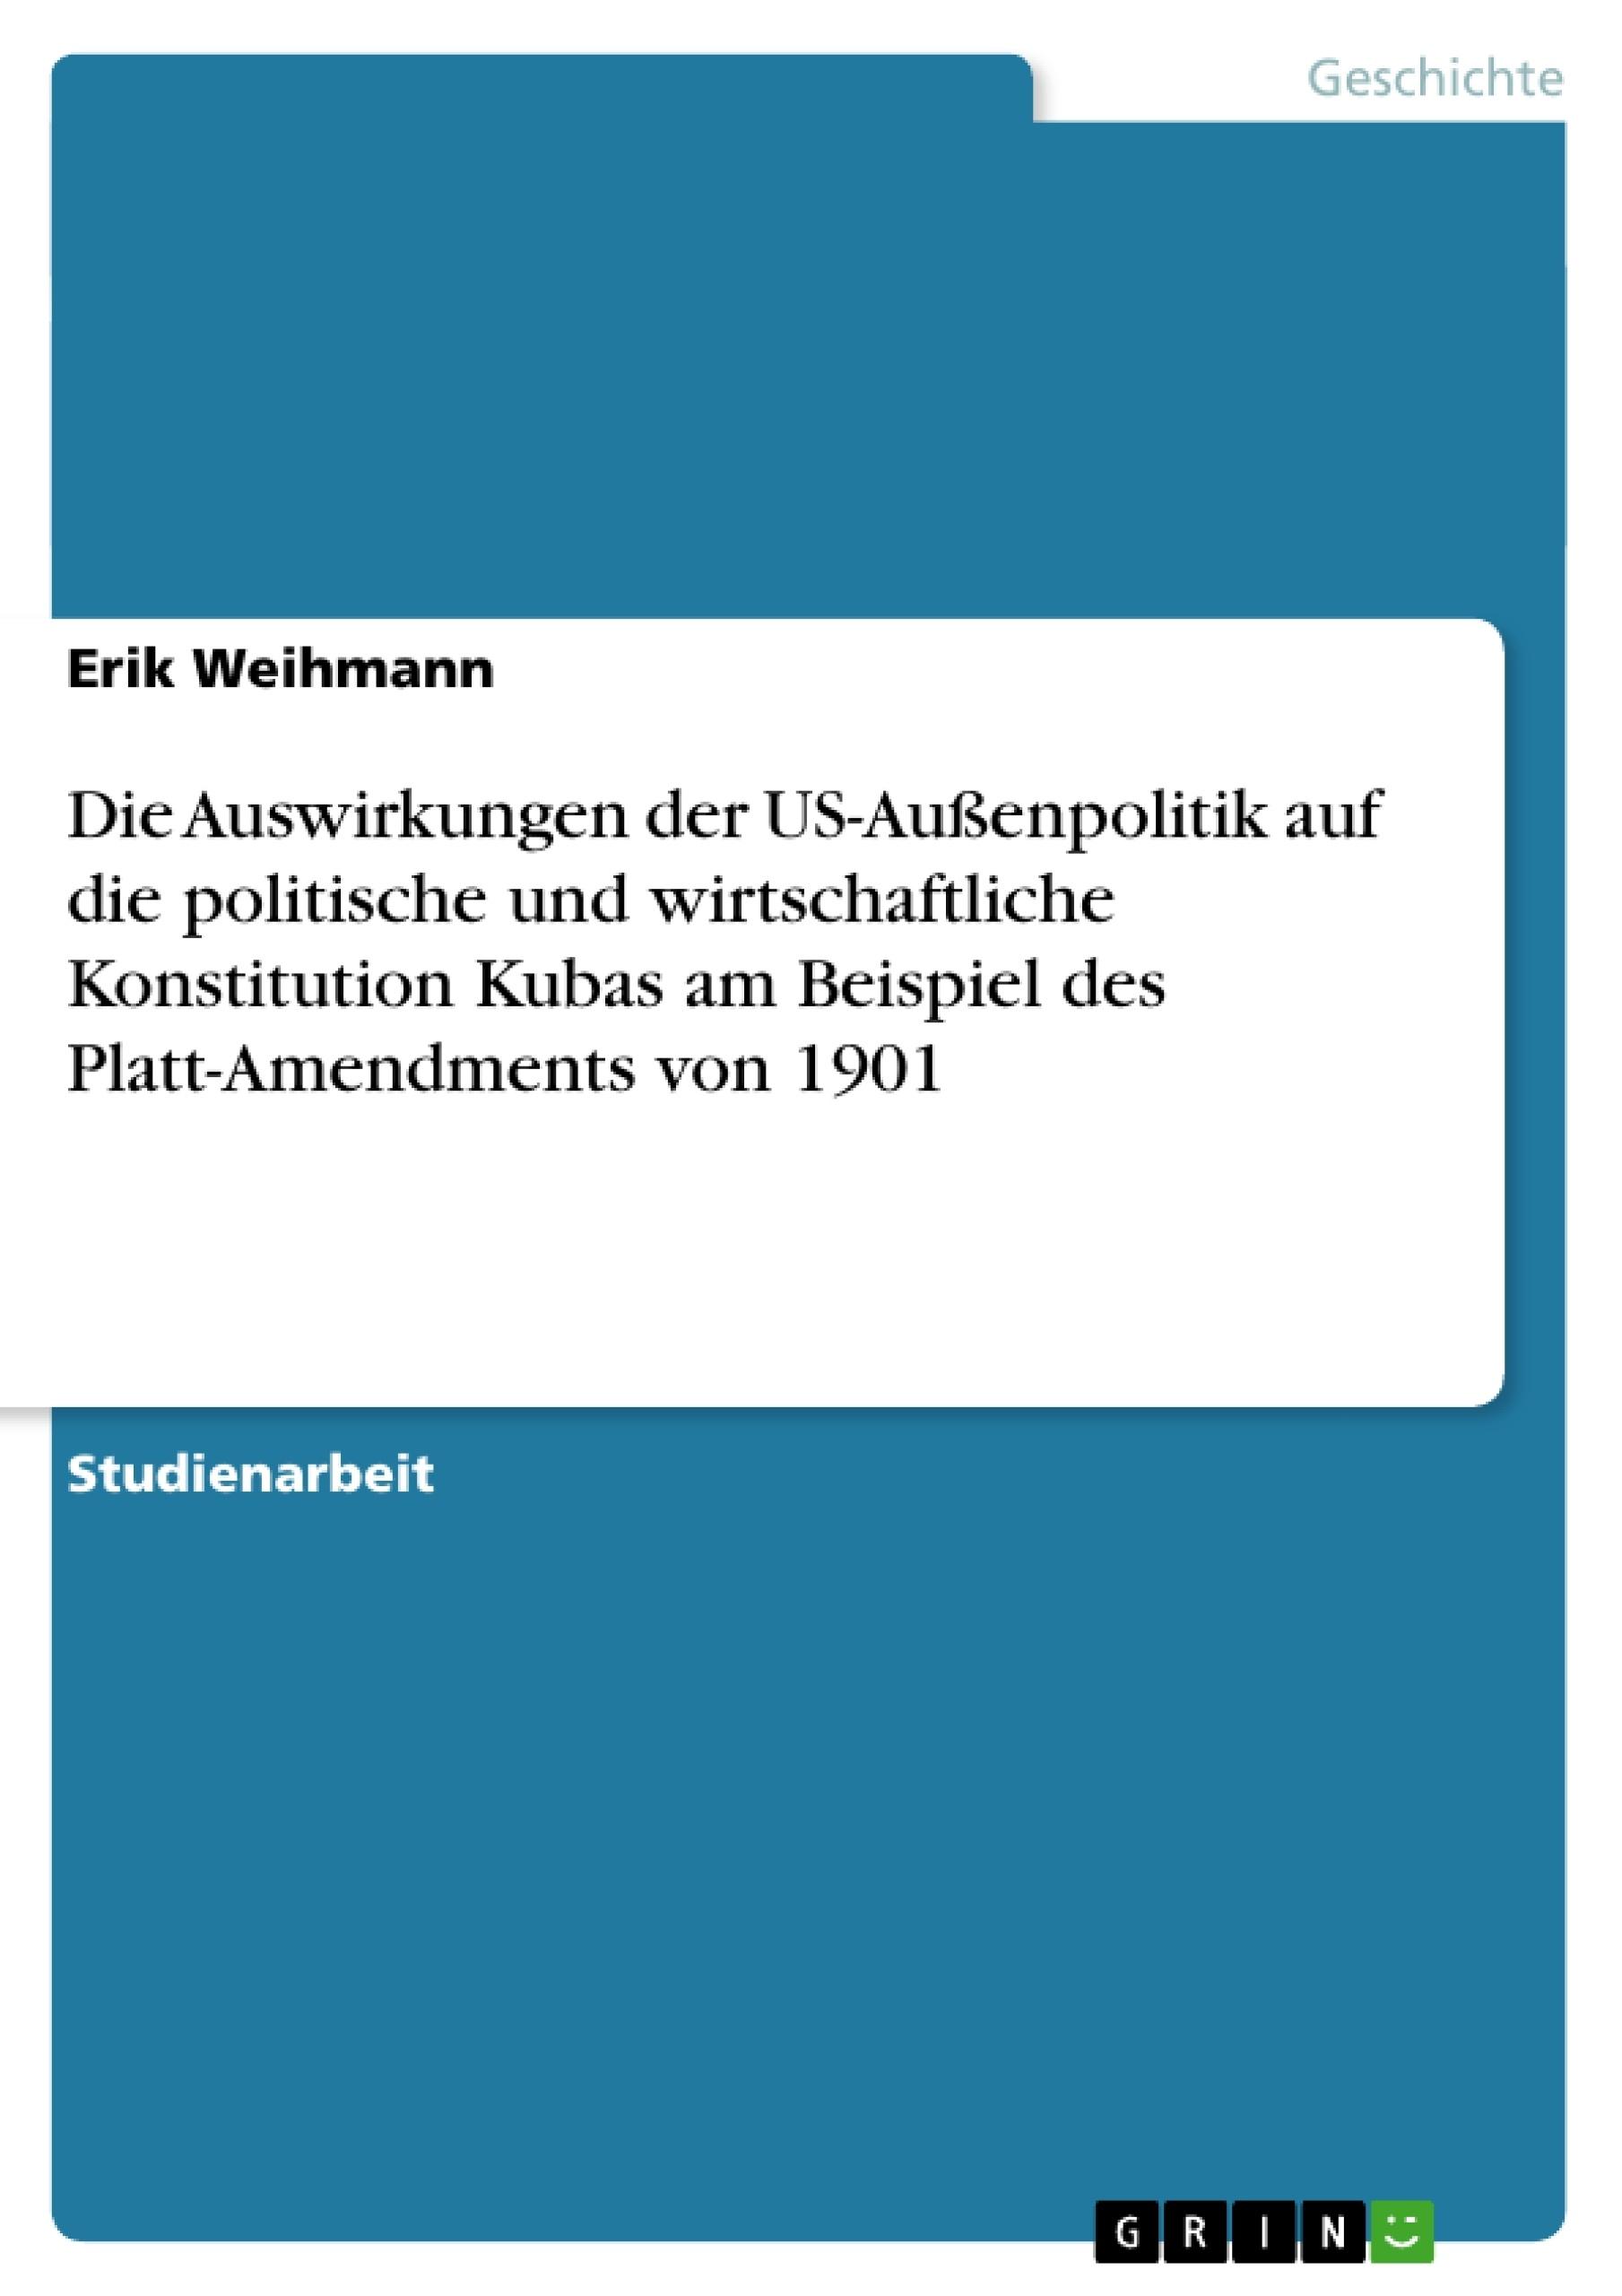 Titel: Die Auswirkungen der US-Außenpolitik auf die politische und wirtschaftliche Konstitution Kubas am Beispiel des Platt-Amendments von 1901